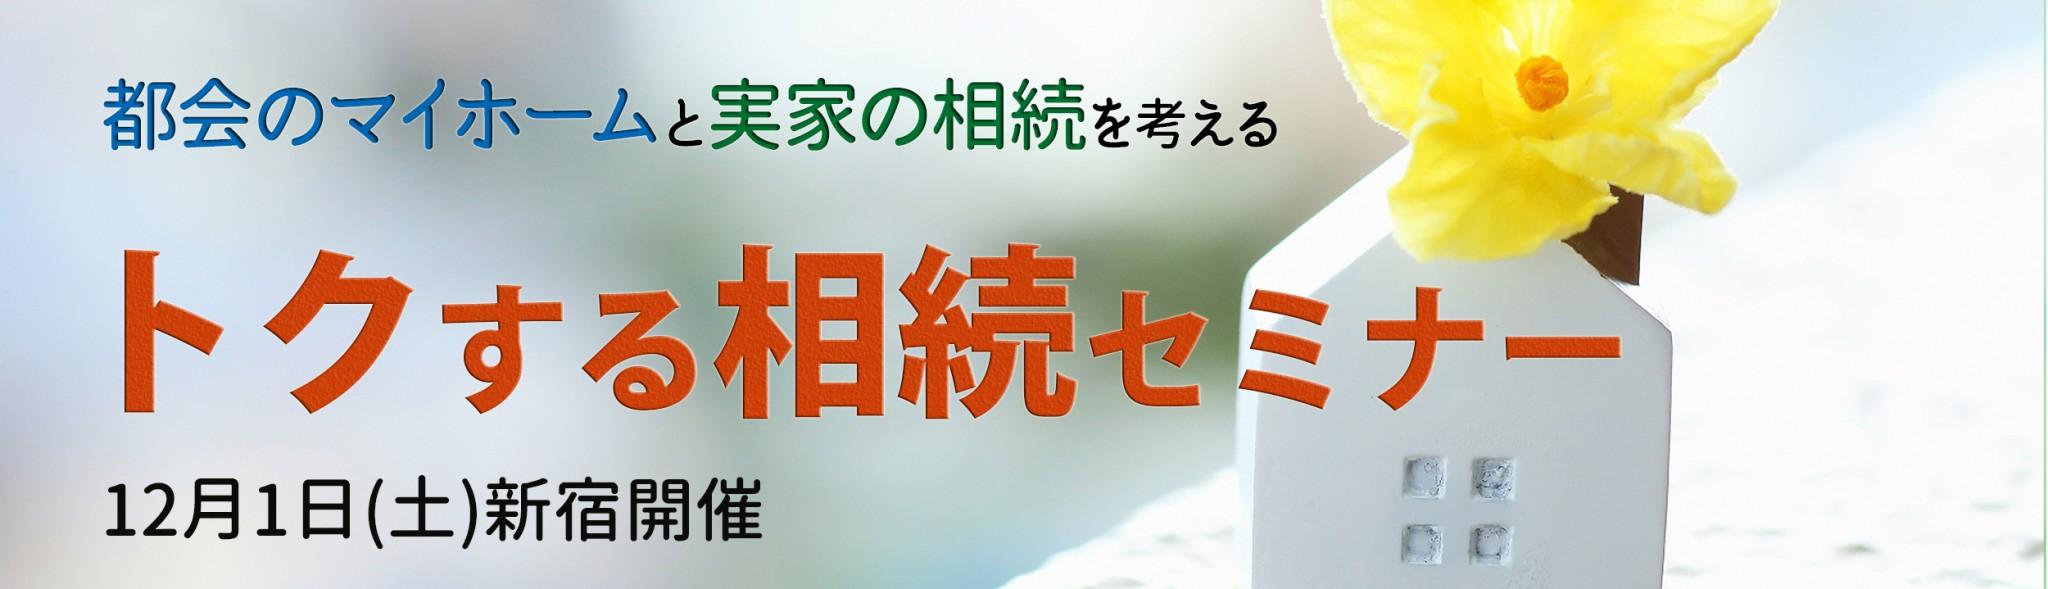 12/1(土)【新宿】トクする相続セミナー~都会のマイホームと実家の相続を考える~